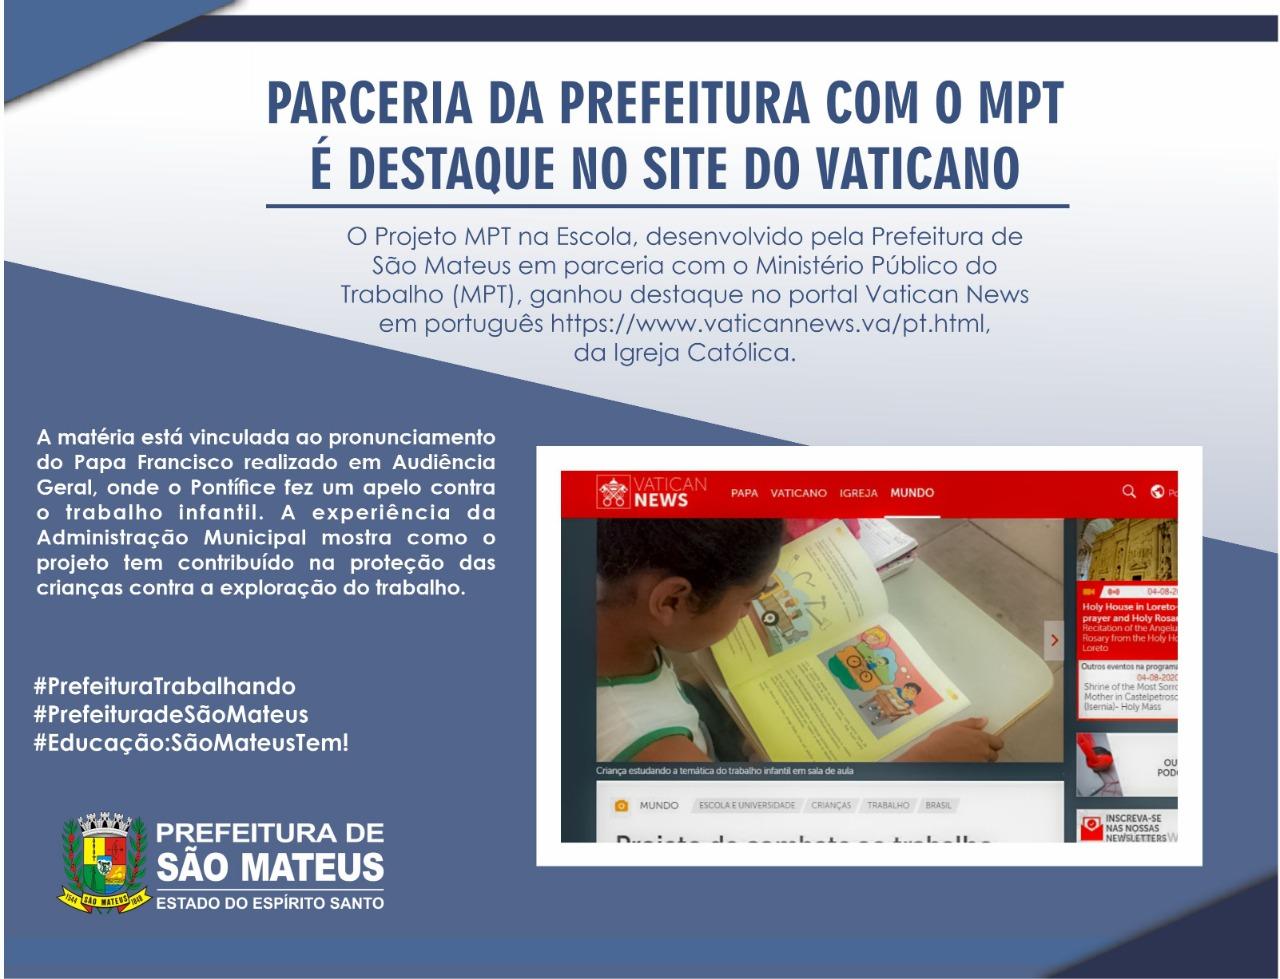 PARCERIA DA PREFEITURA COM O MPT É DESTAQUE NO SITE DO VATICANO